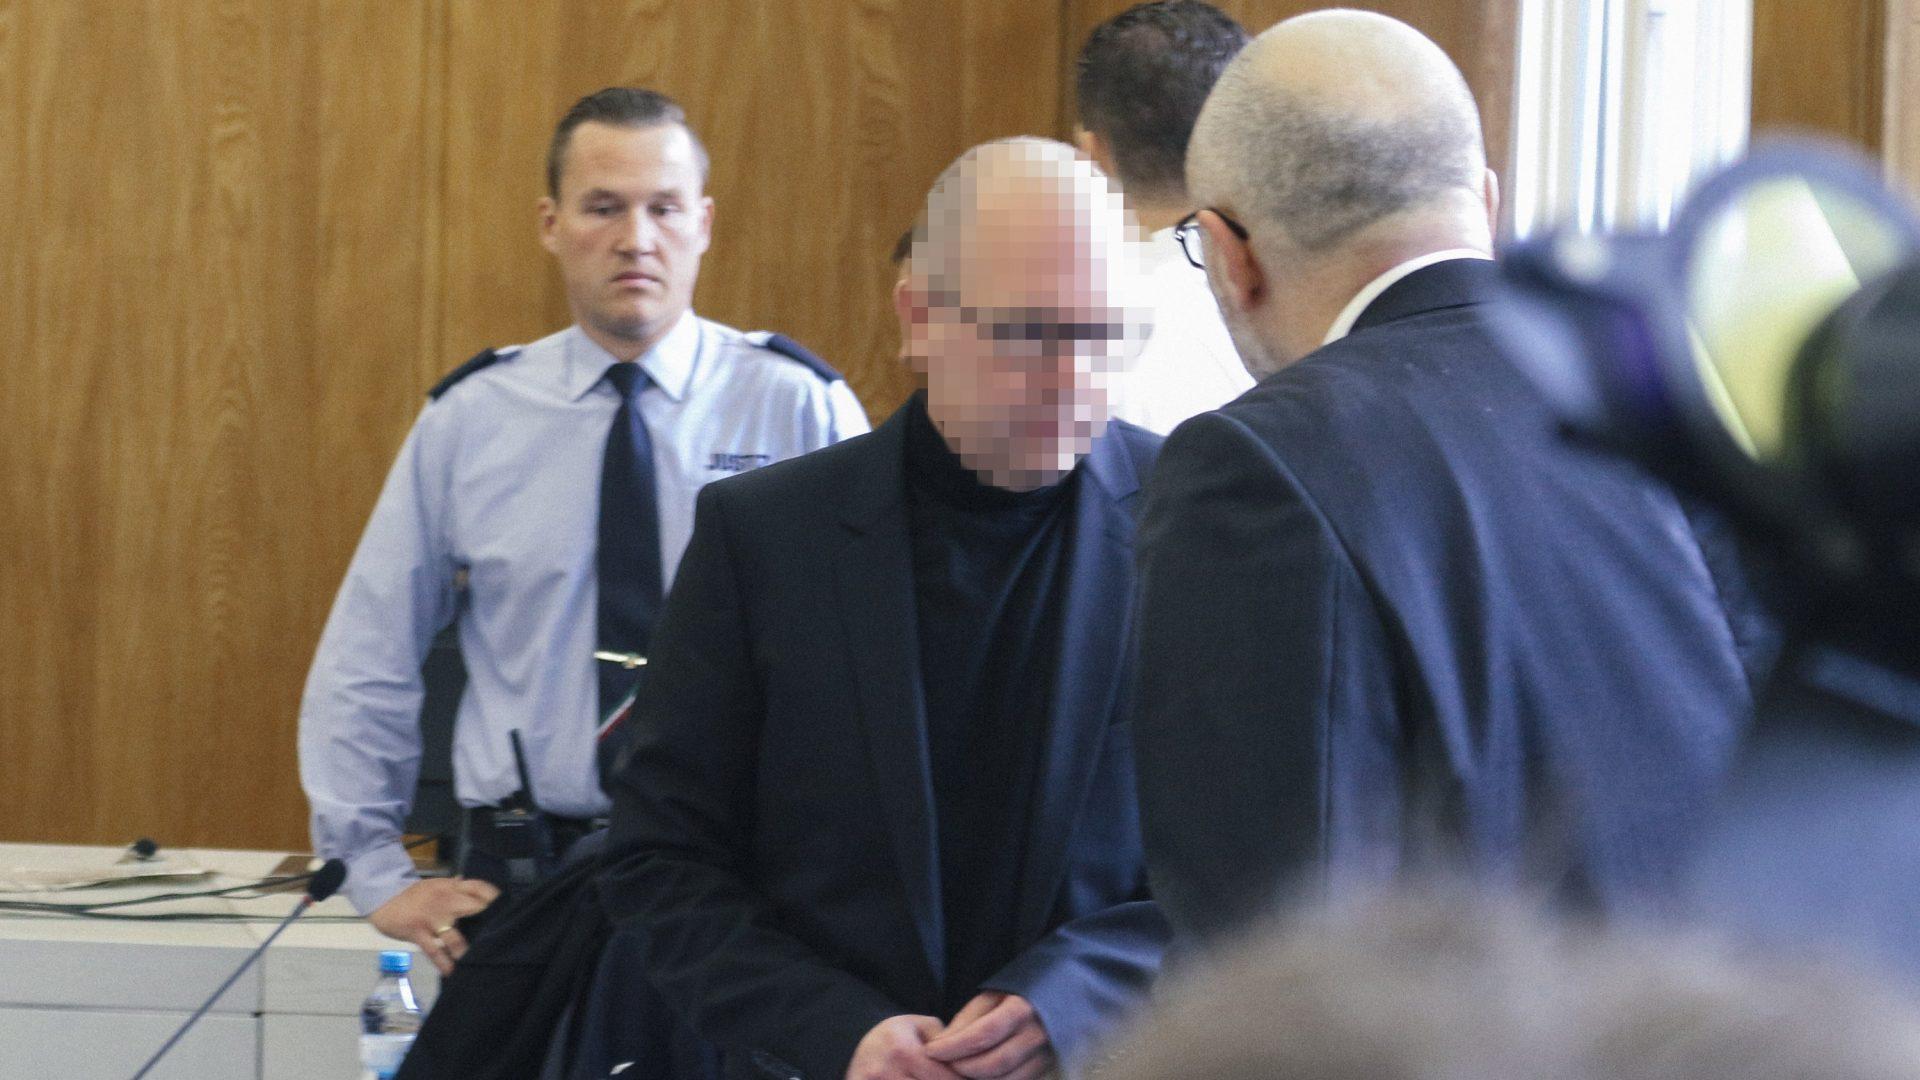 Der Apotheker Peter Stadtmann beim Prozessauftakt. Ihm wird vorgeworfen, Krebsmedikamente gepanscht zu haben.© correctiv.org